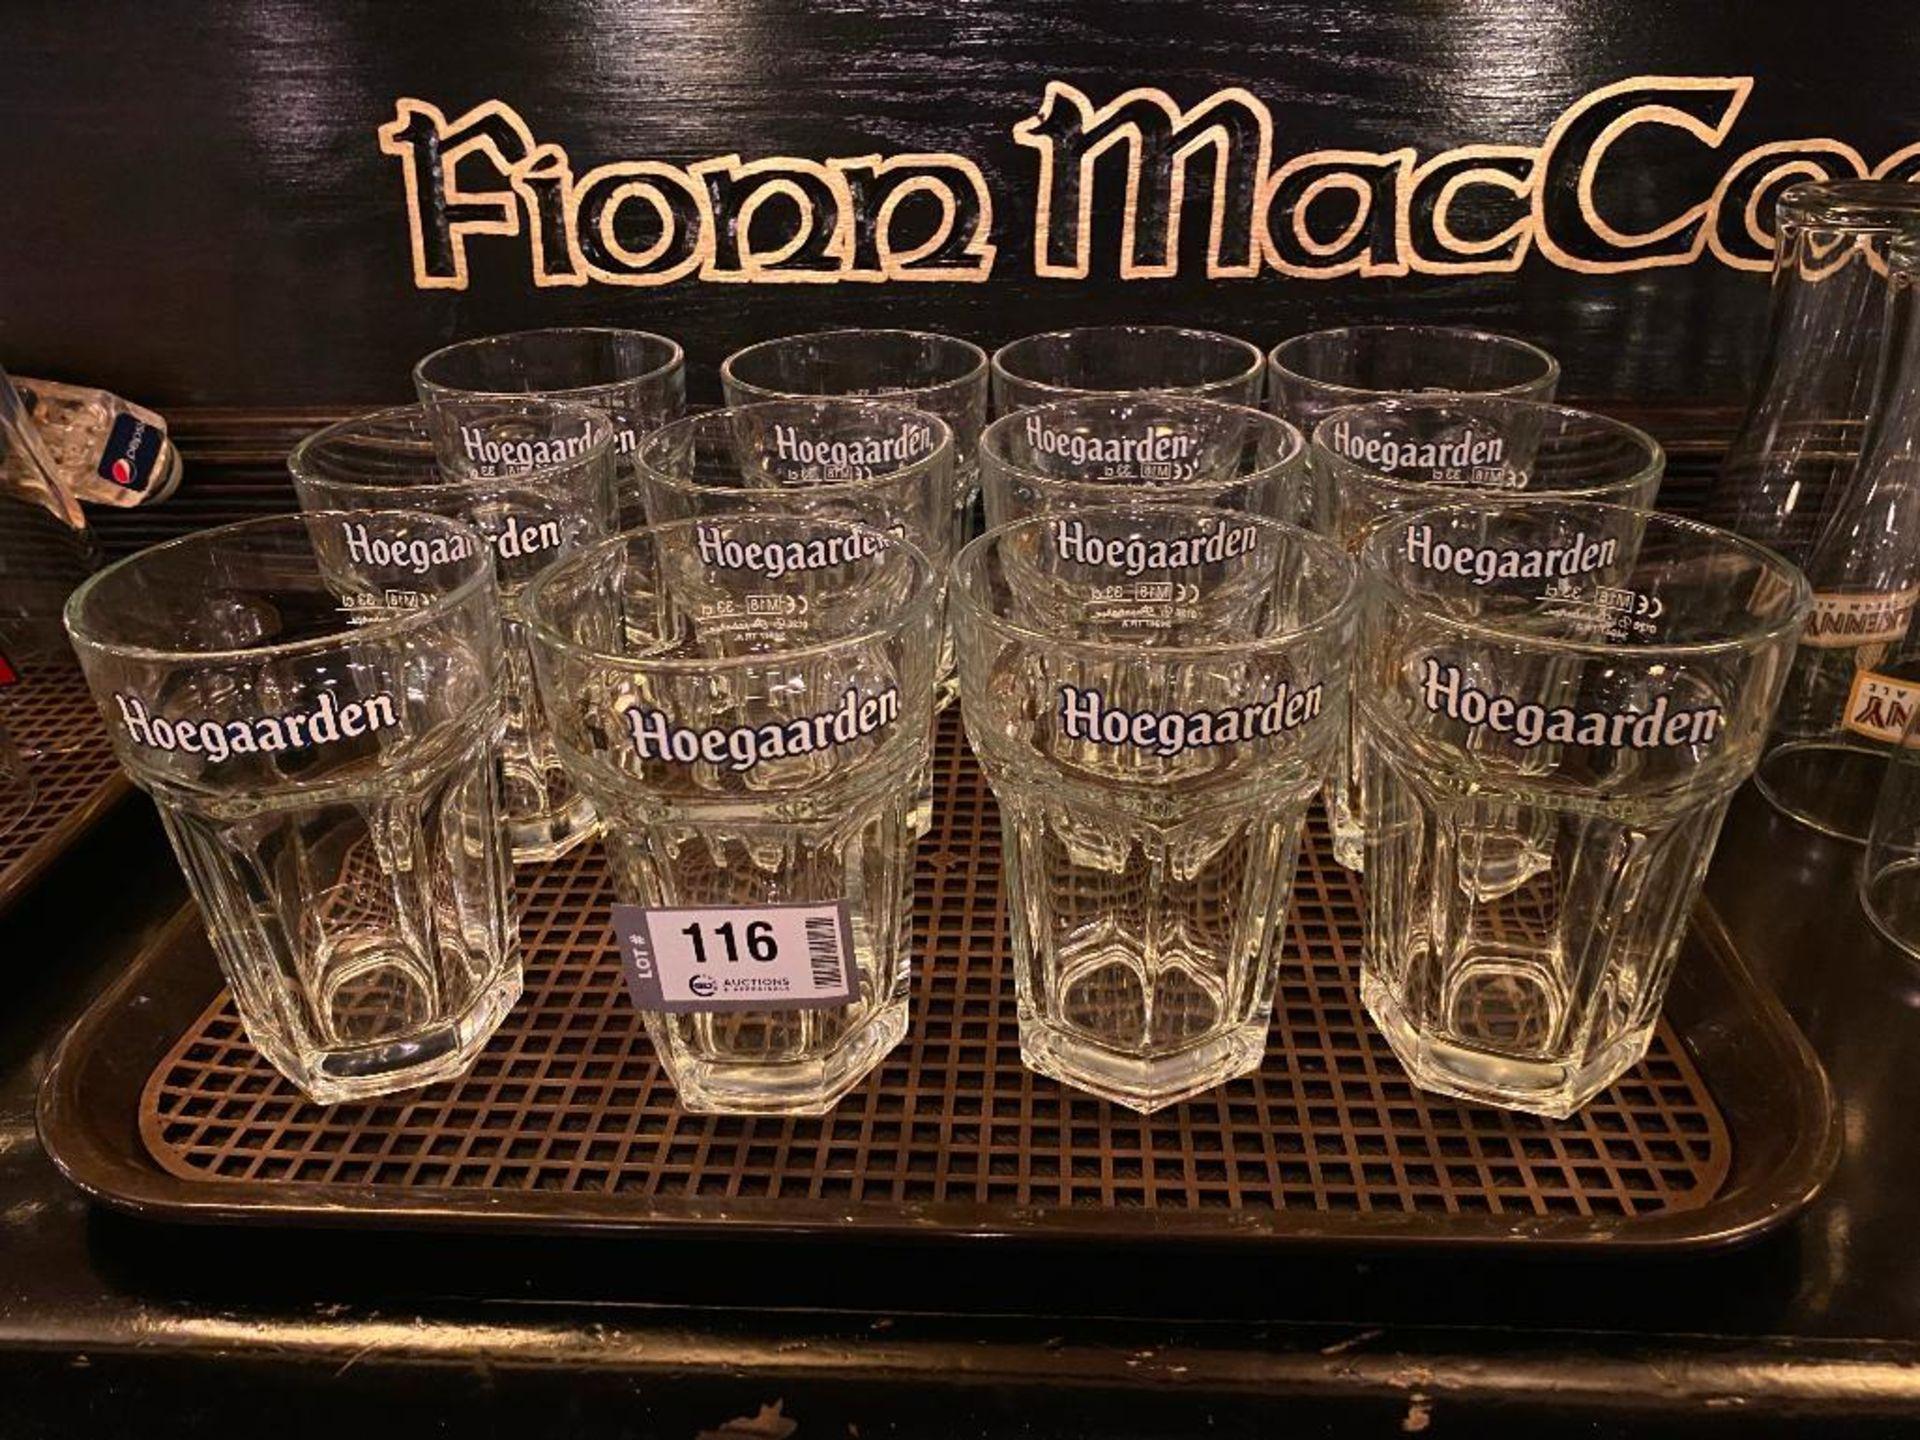 LOT OF (12) HOEGAARDEN 11 OZ GLASSES - Image 2 of 2